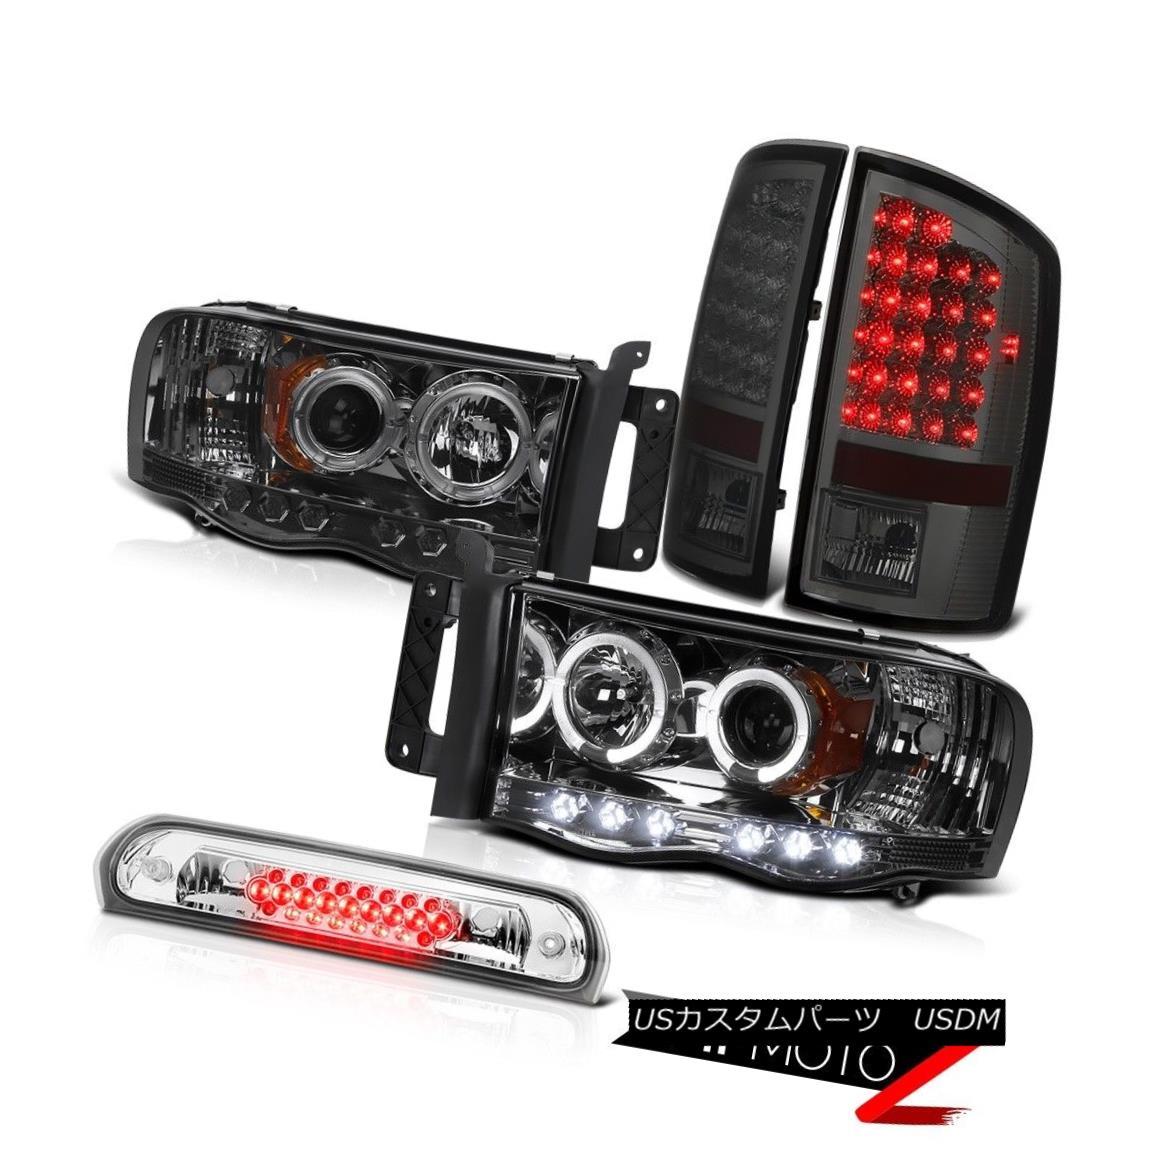 ヘッドライト Angel Eye Headlights Smoked L.E.D Taillamps Roof Brake LED 02 03 04 05 Ram 3500 エンジェルアイヘッドライトスモークL.E.DタイルランプルーフブレーキLED 02 03 04 05ラム3500